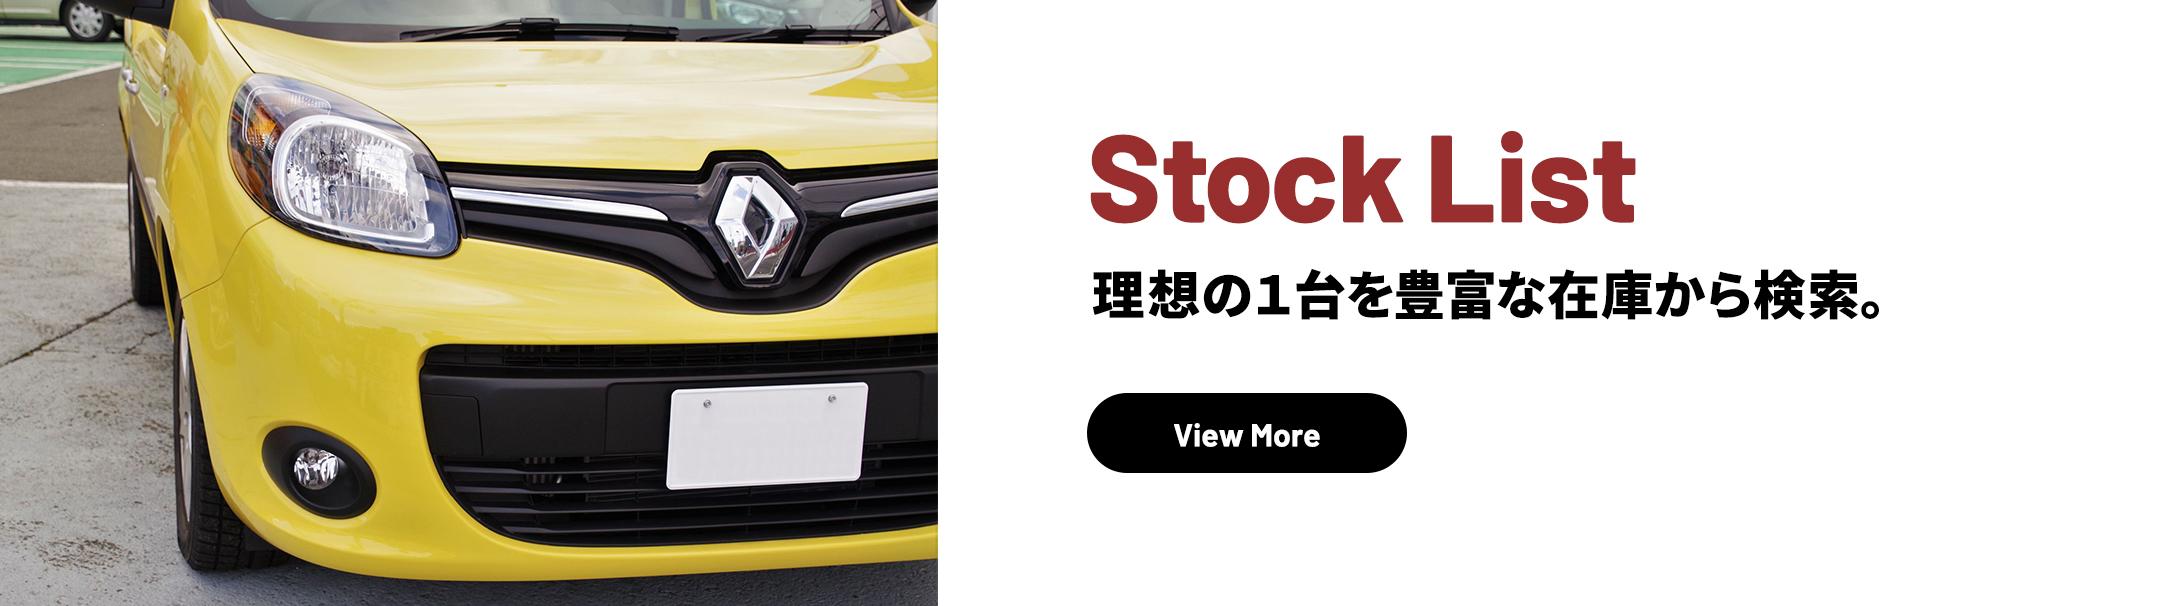 Stock List 理想の1台を豊富な在庫から検索。